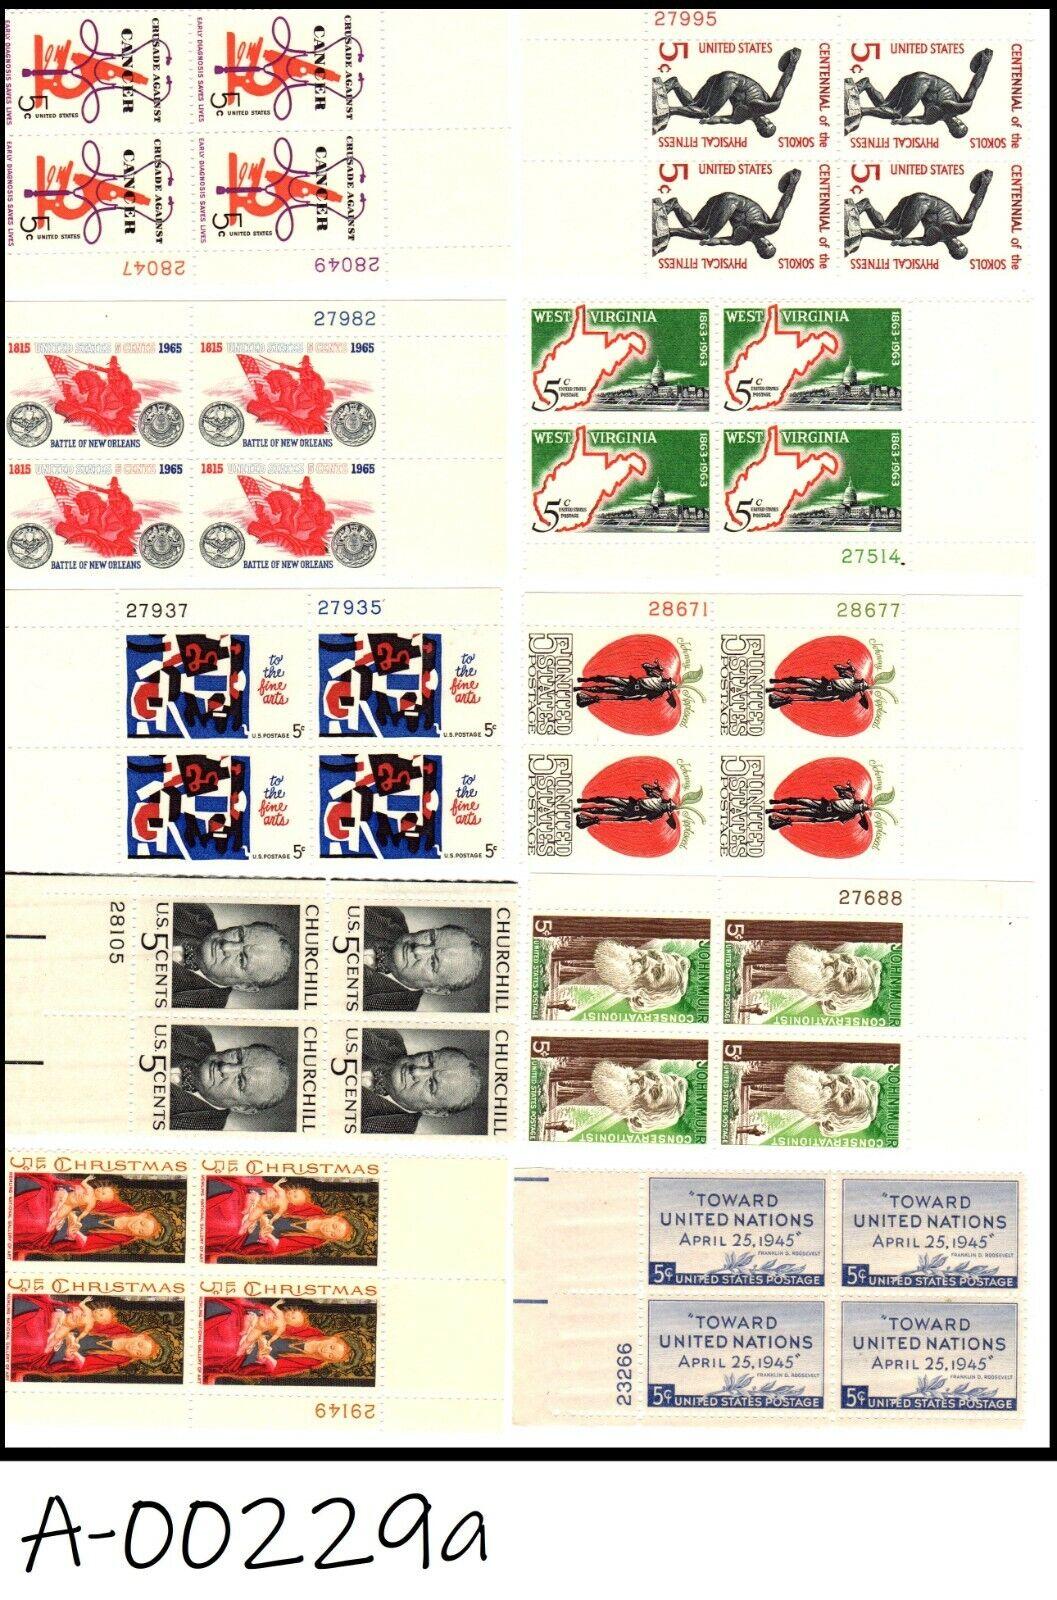 Top-Notch US MNH Plate Blocks Of 4  - $4.95